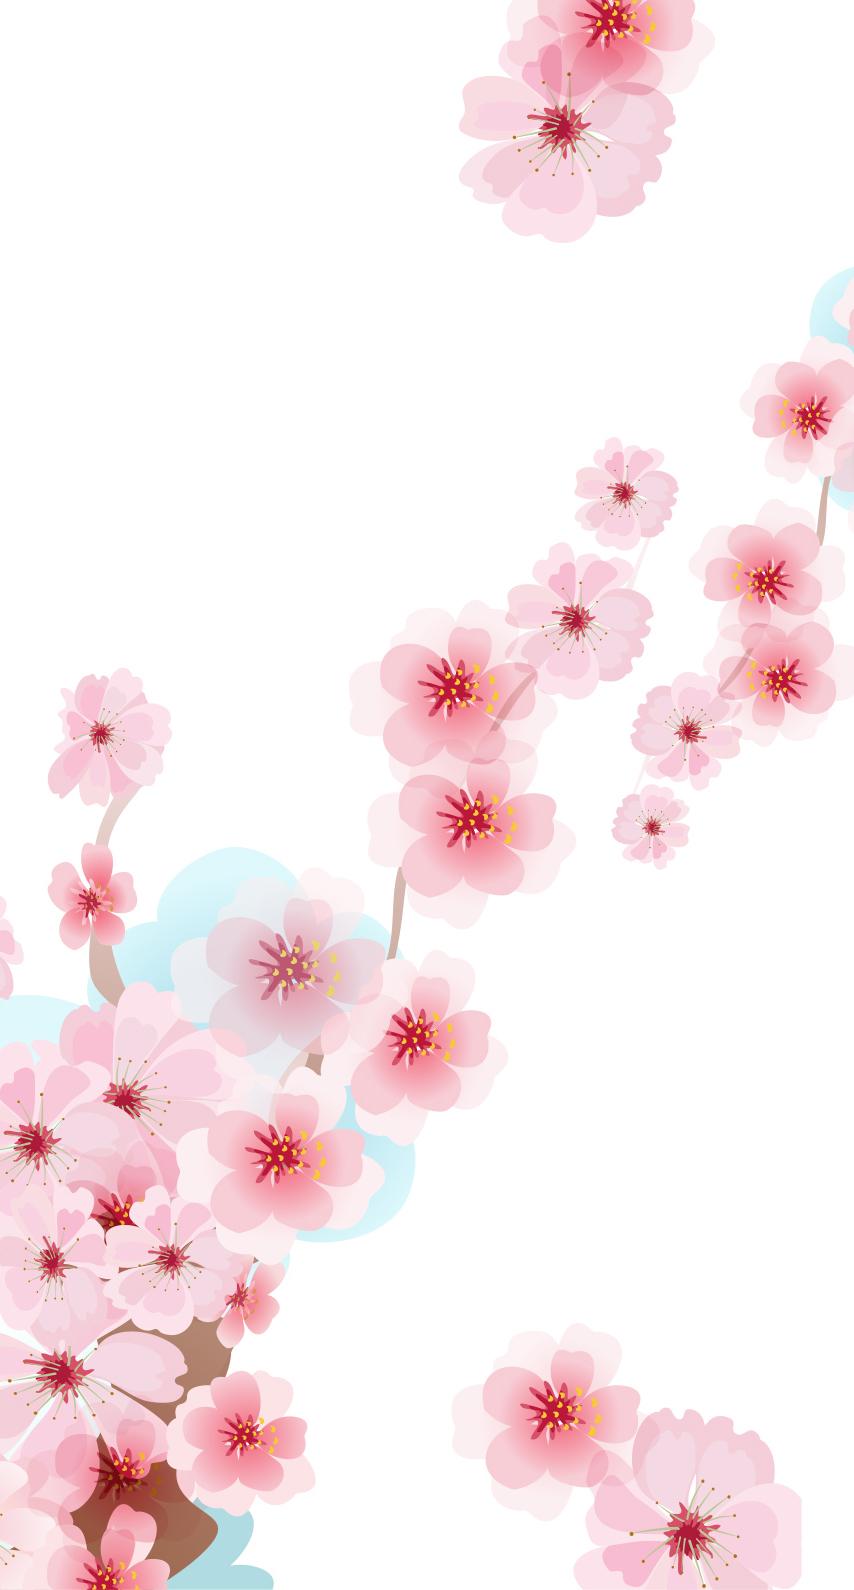 flowering plant, floral design